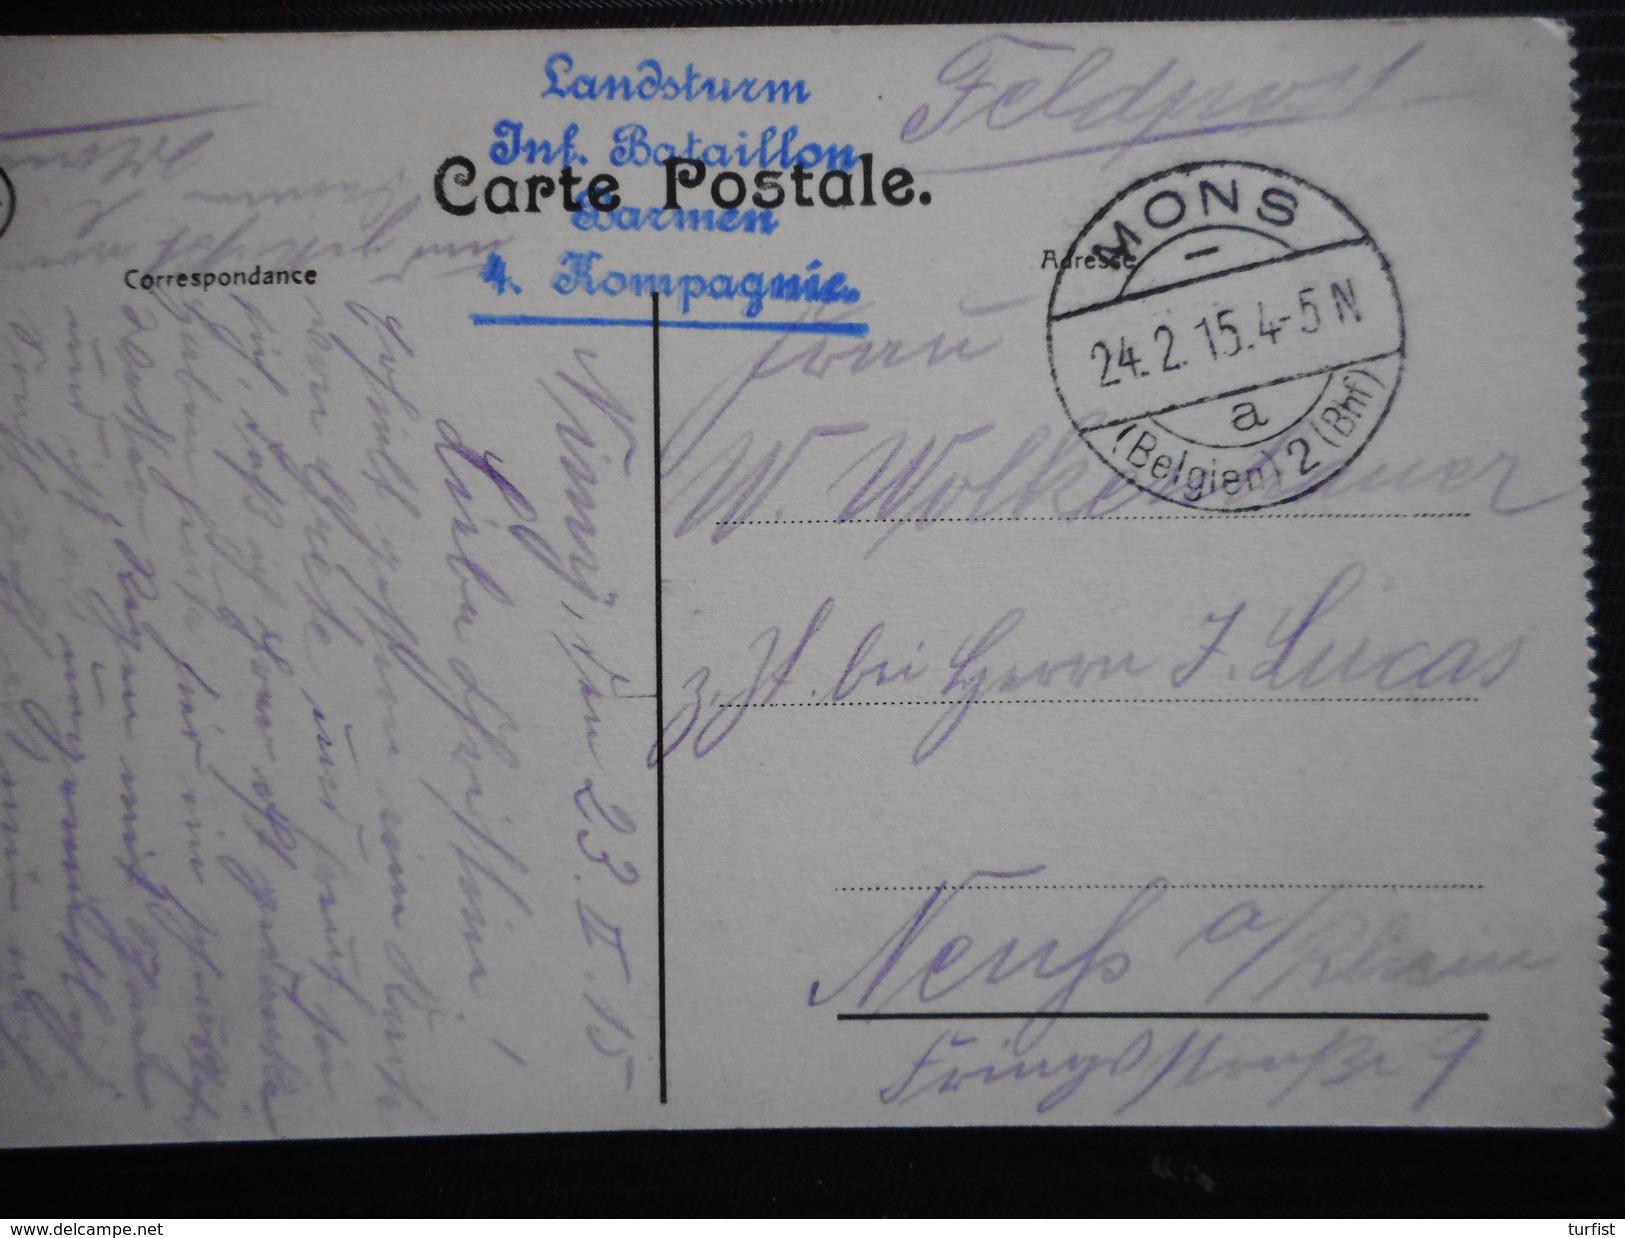 POSTKAART UIT LEUVEN VERZONDEN MONS 24-2-15>NEUFS A /RHEIN LANDSTURM/INF.BATAILLON/BORNEM/4 KOMPAGNIE - Weltkrieg 1914-18